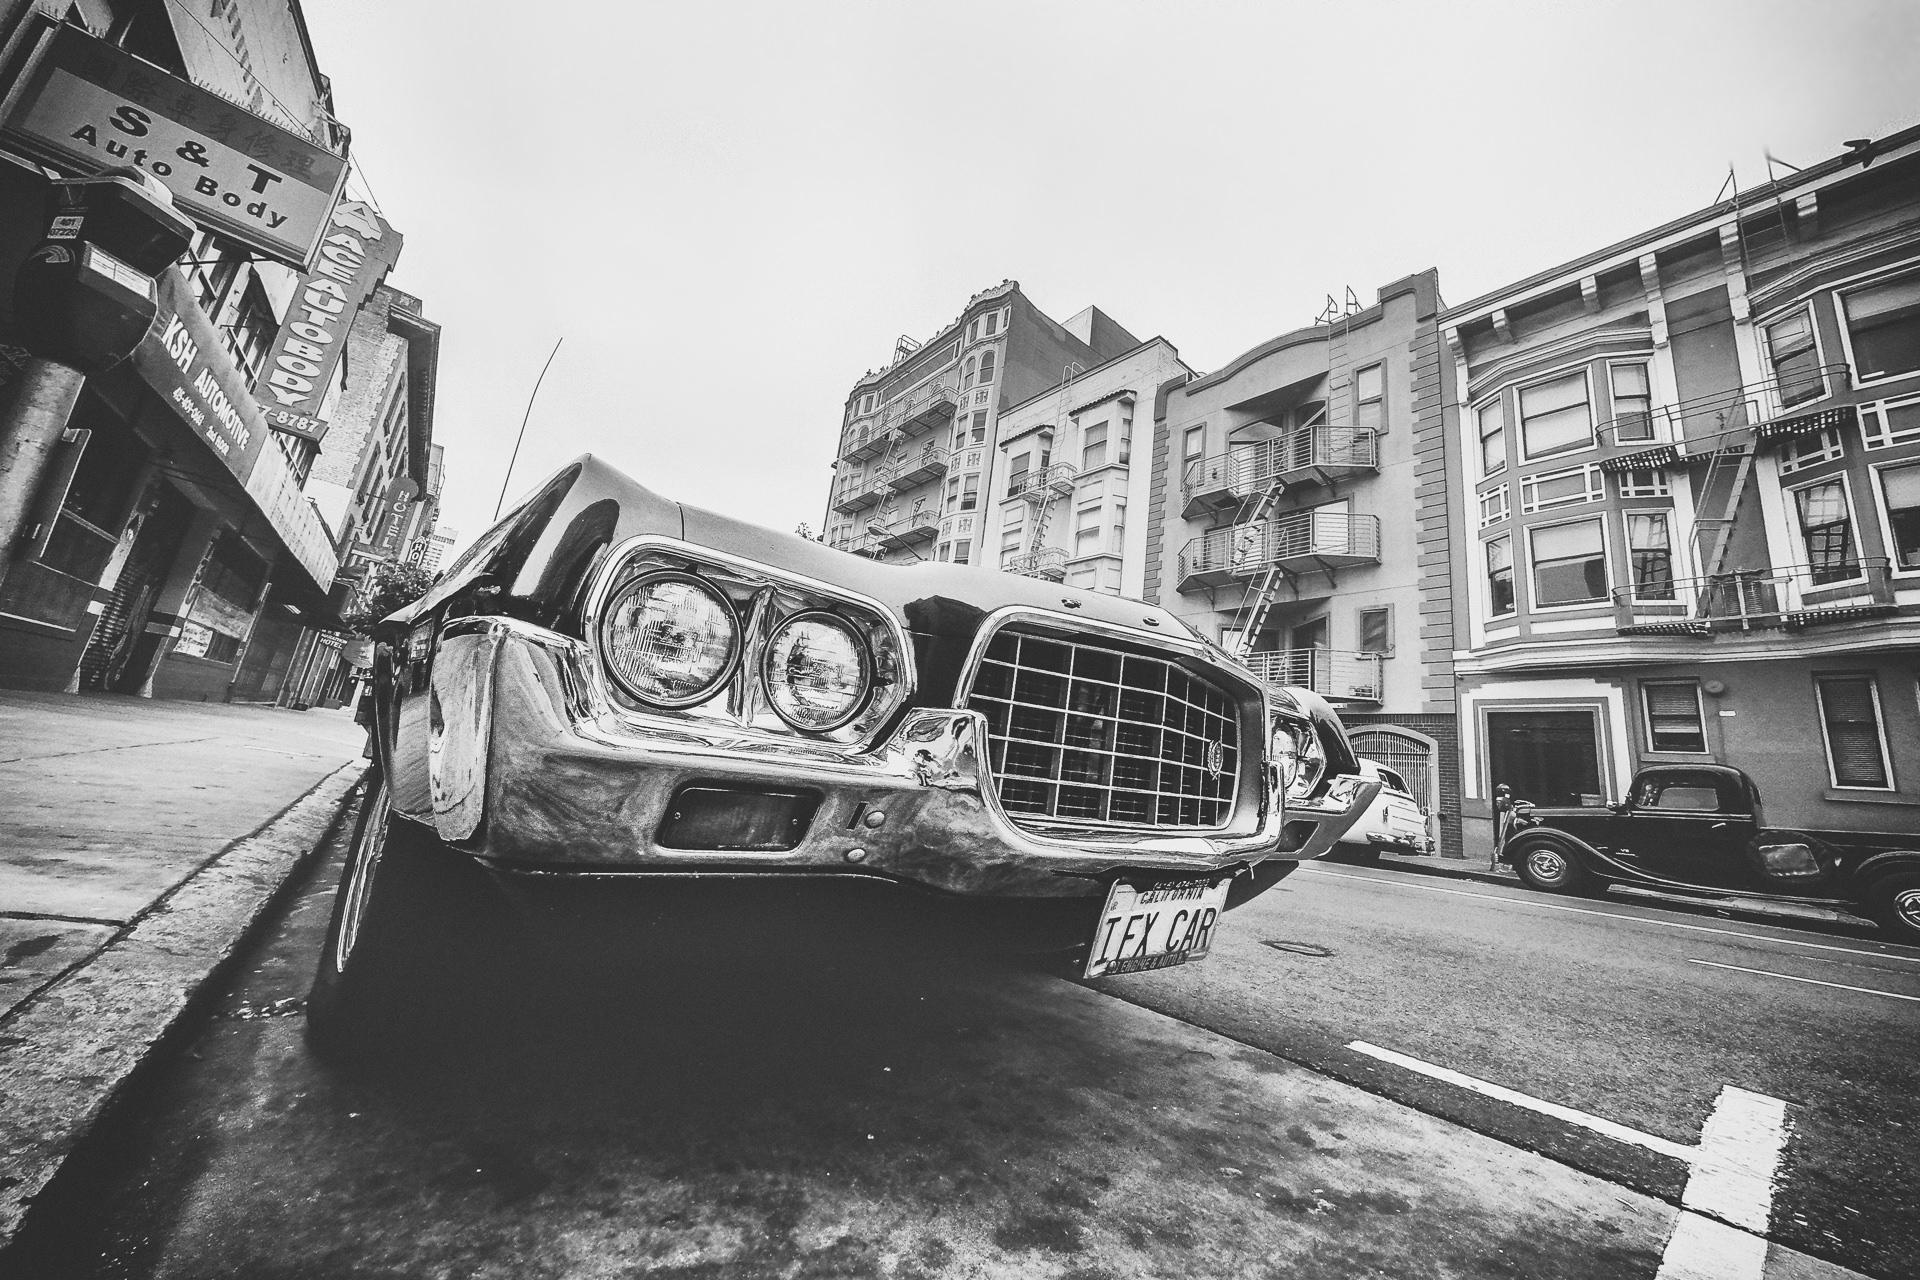 California street cristian ferrari photo for Crea i miei progetti gratuitamente